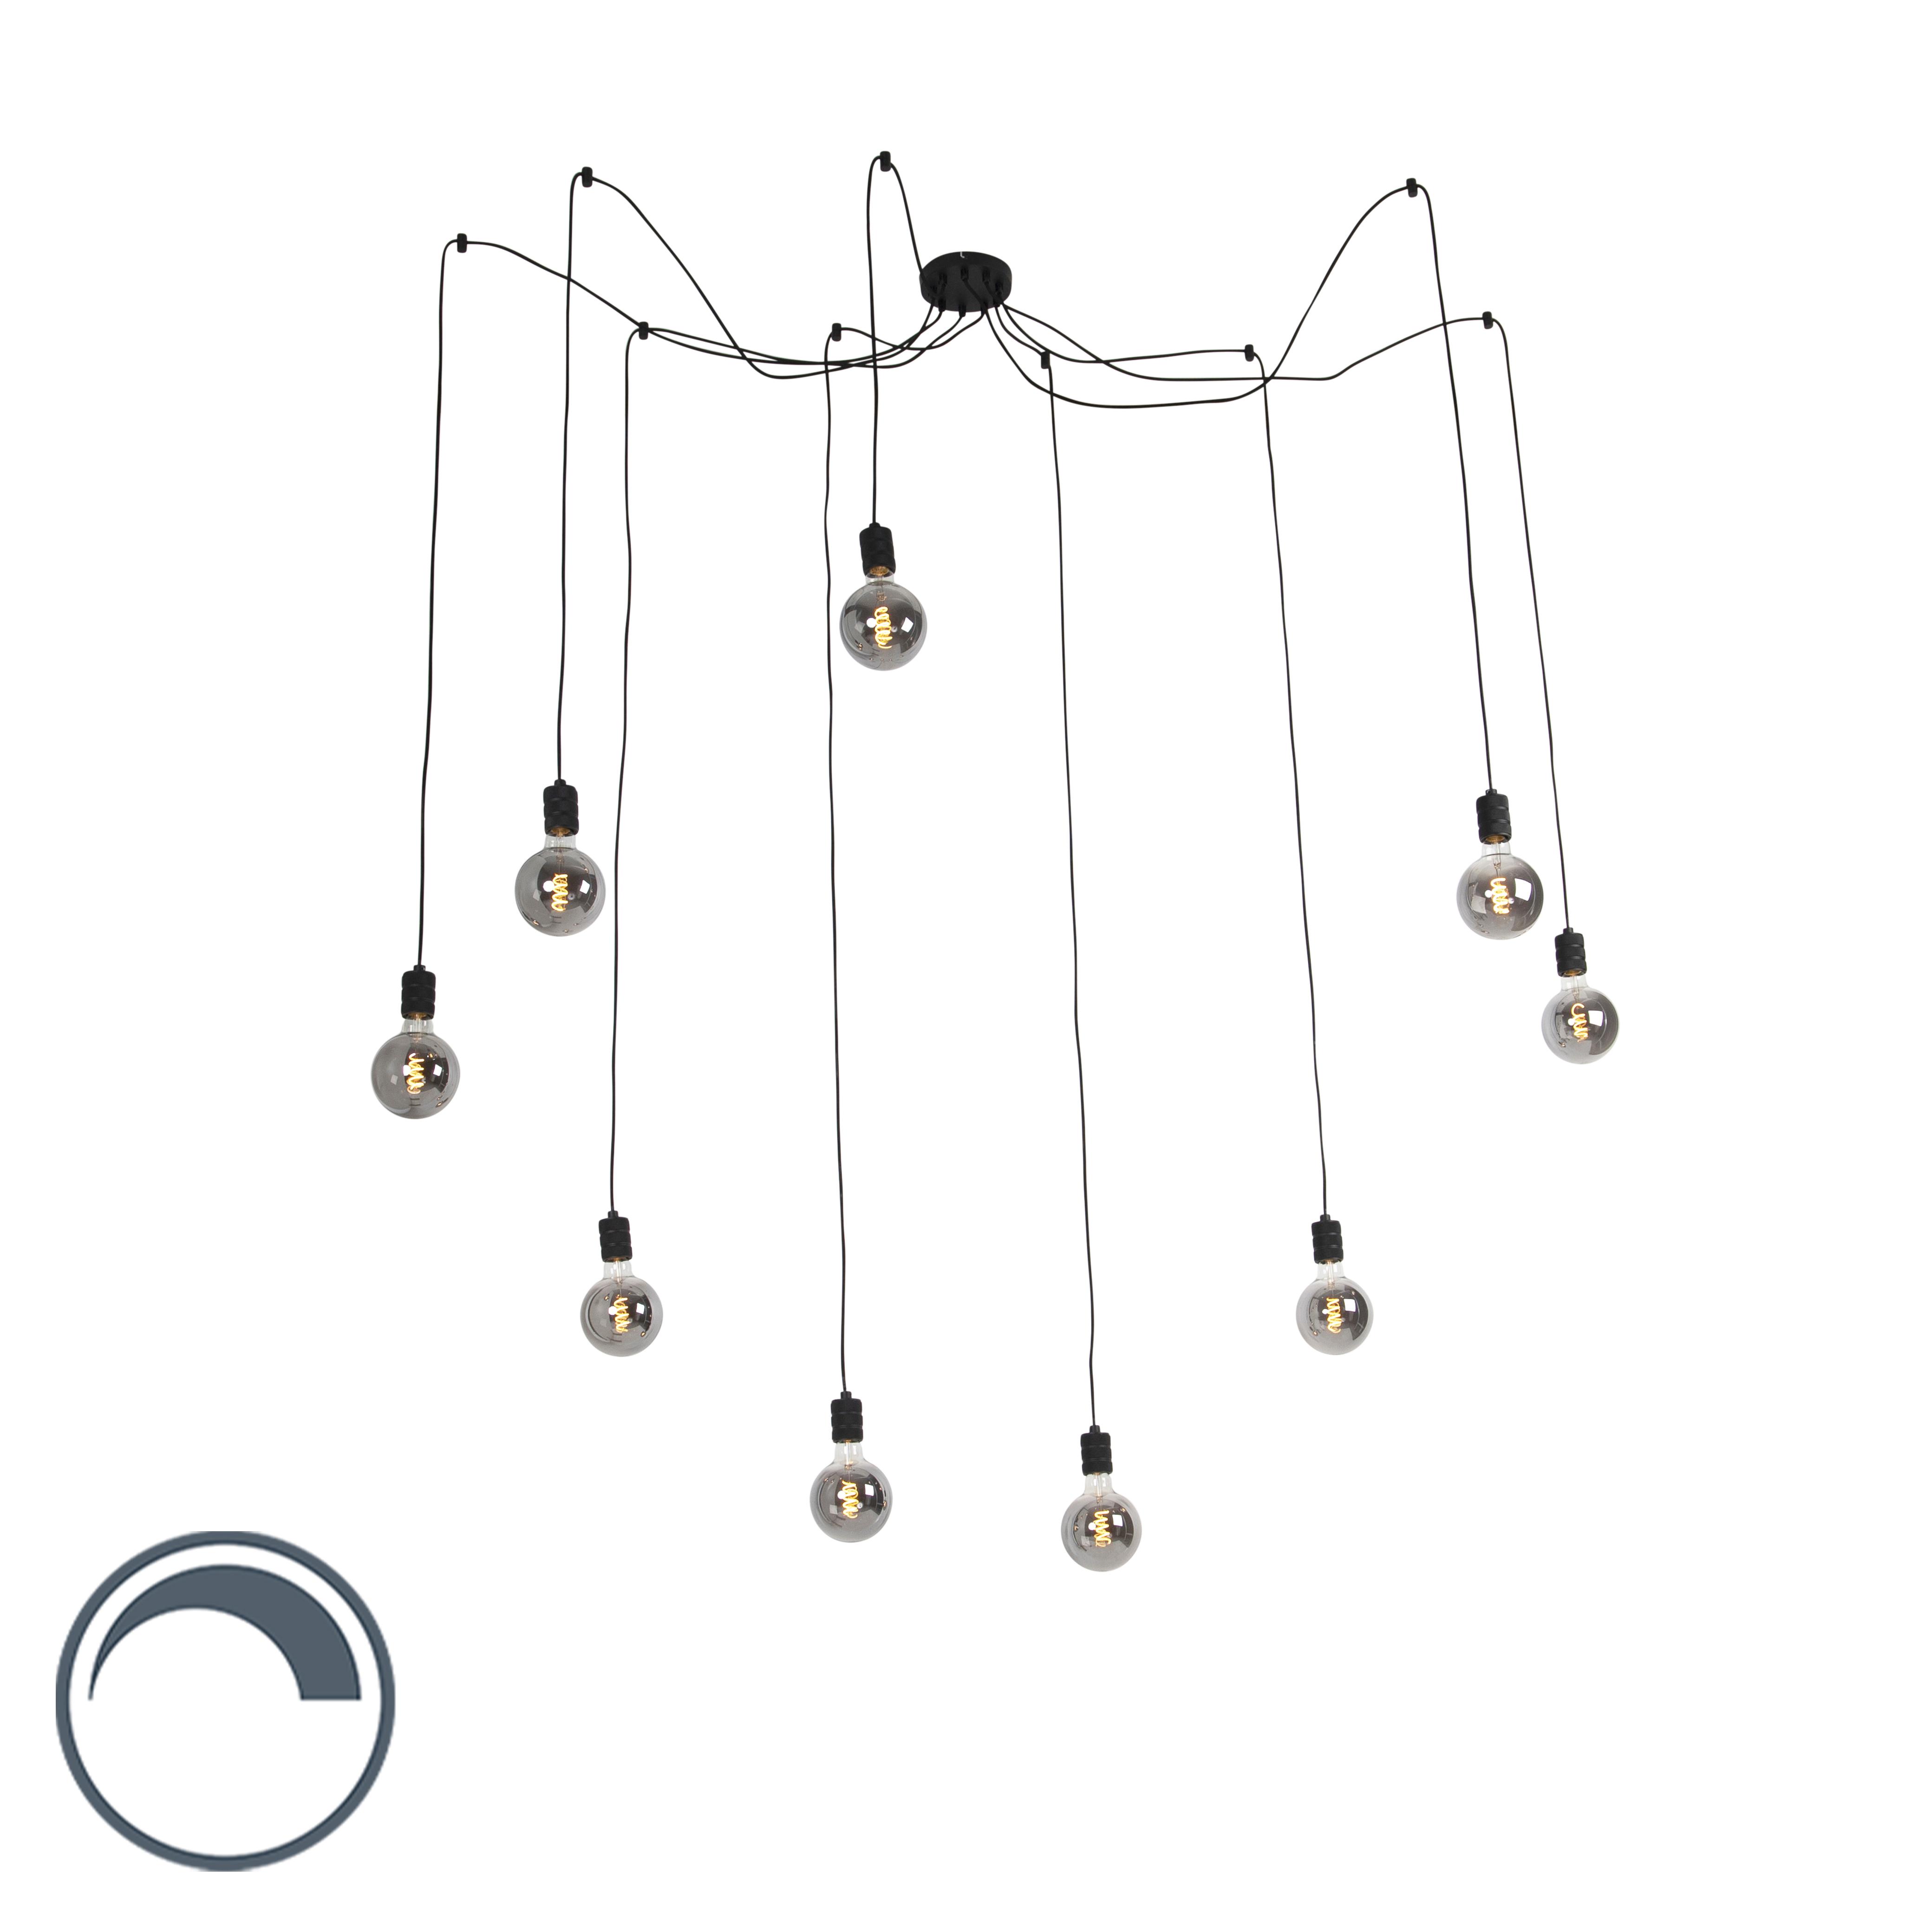 Lampa wisząca czarna 9 x E27 G125 przydymiona ściemnialna - Cavalux